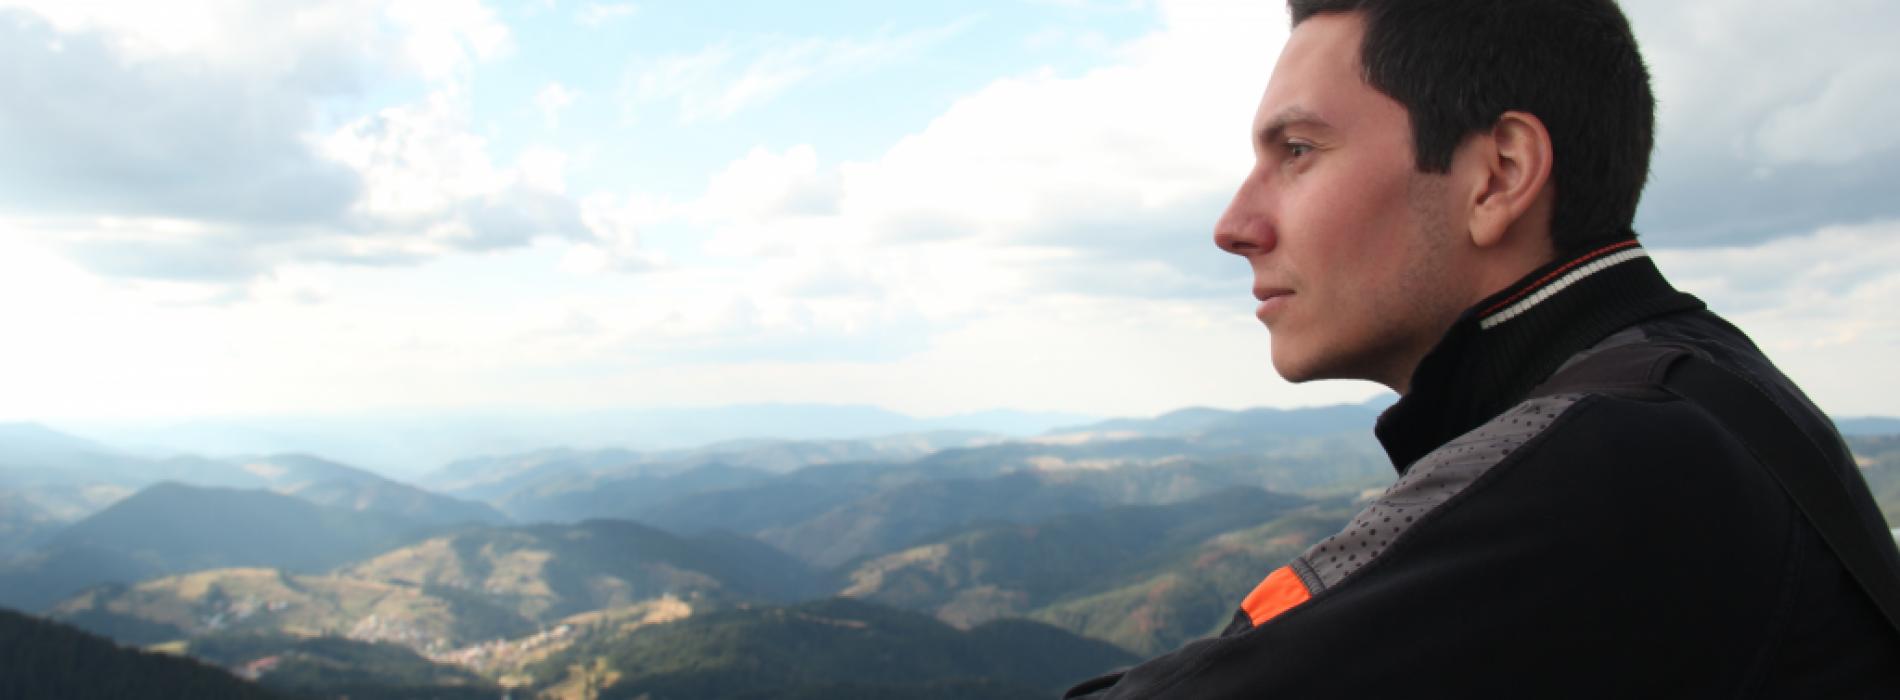 Виктор Тутов, web developer: Амбицираните, добри, интелигентни хора създават проспериращата фирма